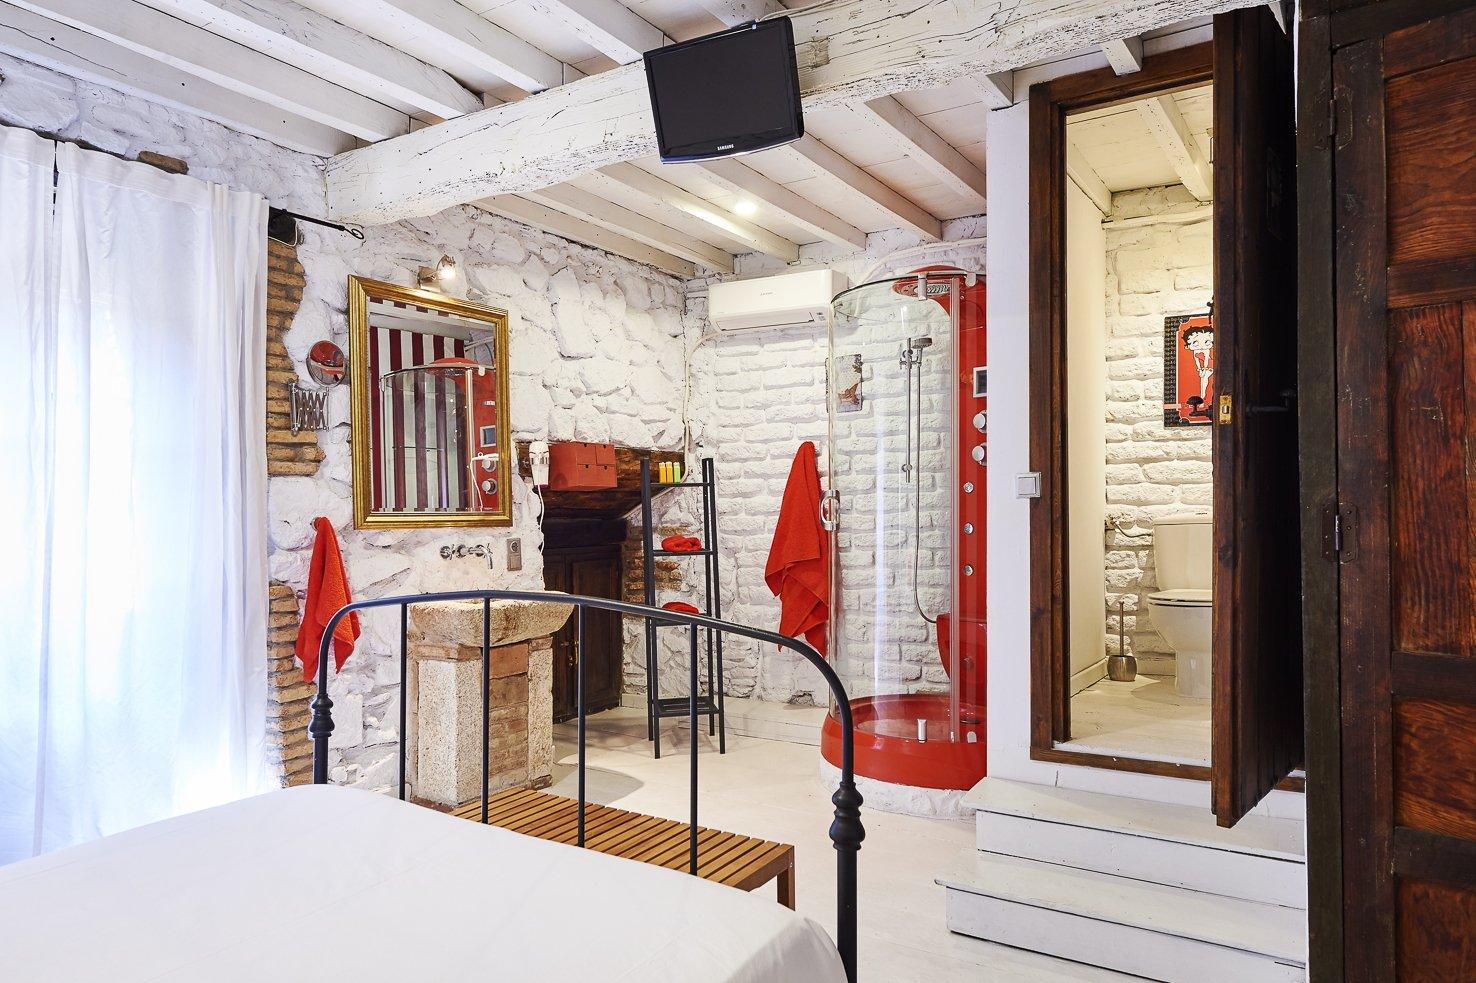 Habitación romántica, ideal para parejas que quieran una escapada de fin de semana o celebrar algún aniversario. Habitación exterior con balcón y vistas al casco antiguo. A La Calle Machin 19 en Jarandilla de la Vera (Cáceres).